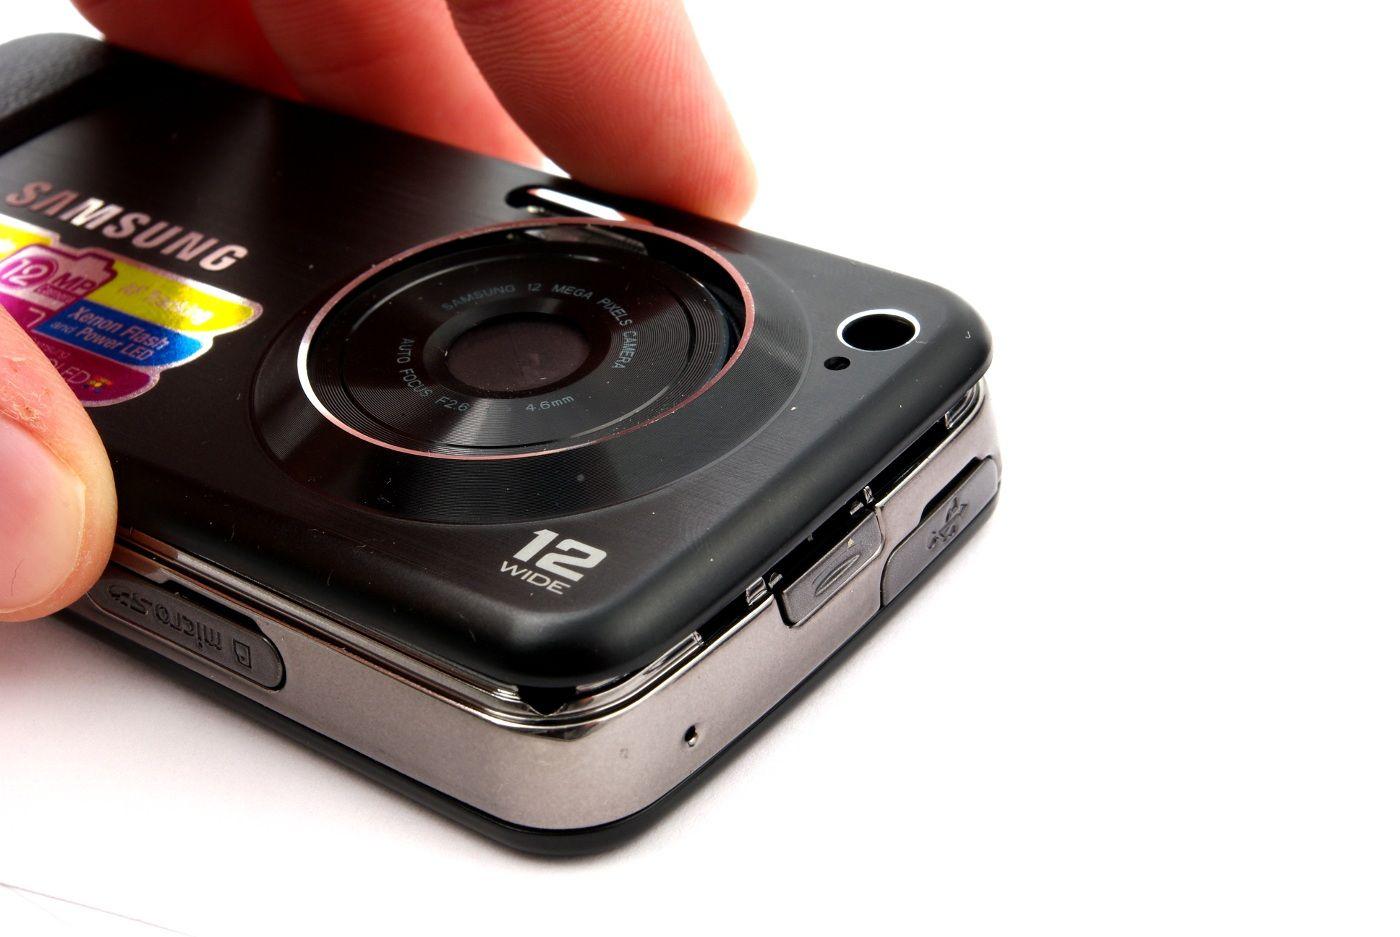 Test: Samsung Pixon 12 Test Tek.no